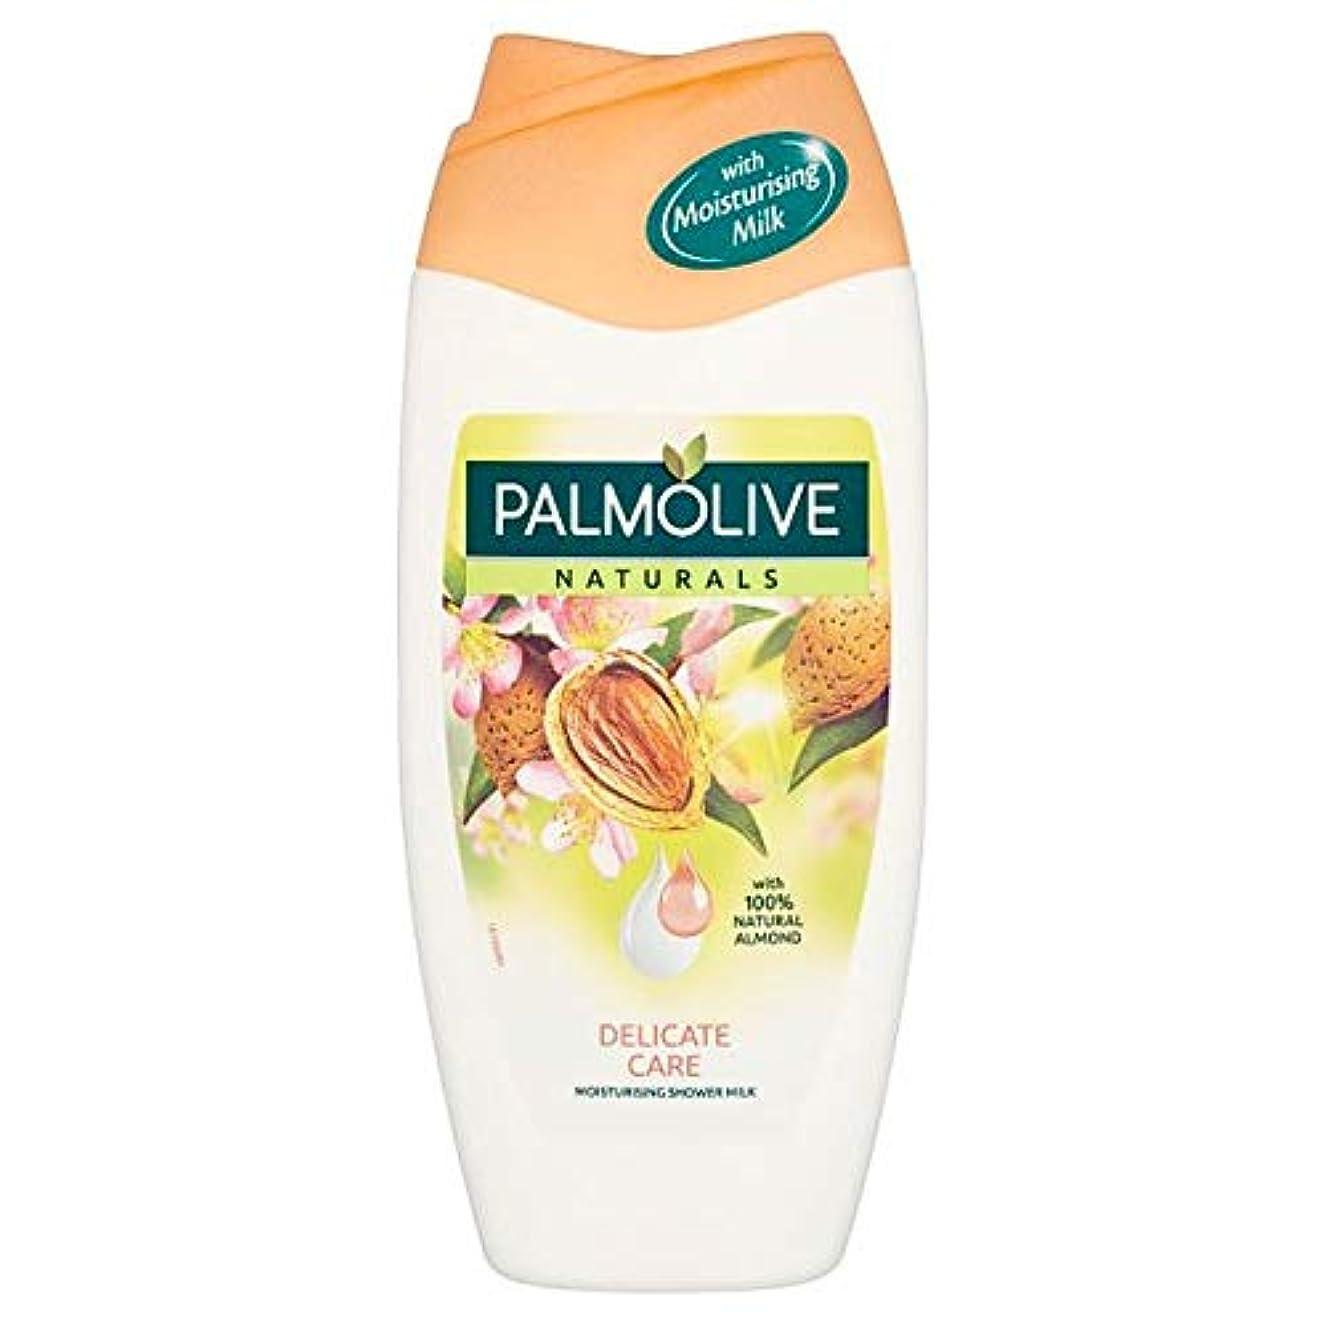 程度ガラガラ重々しい[Palmolive] Palmolive社ナチュラルズは、シャワージェル250ミリリットルアーモンド - Palmolive Naturals Almond Shower Gel 250Ml [並行輸入品]